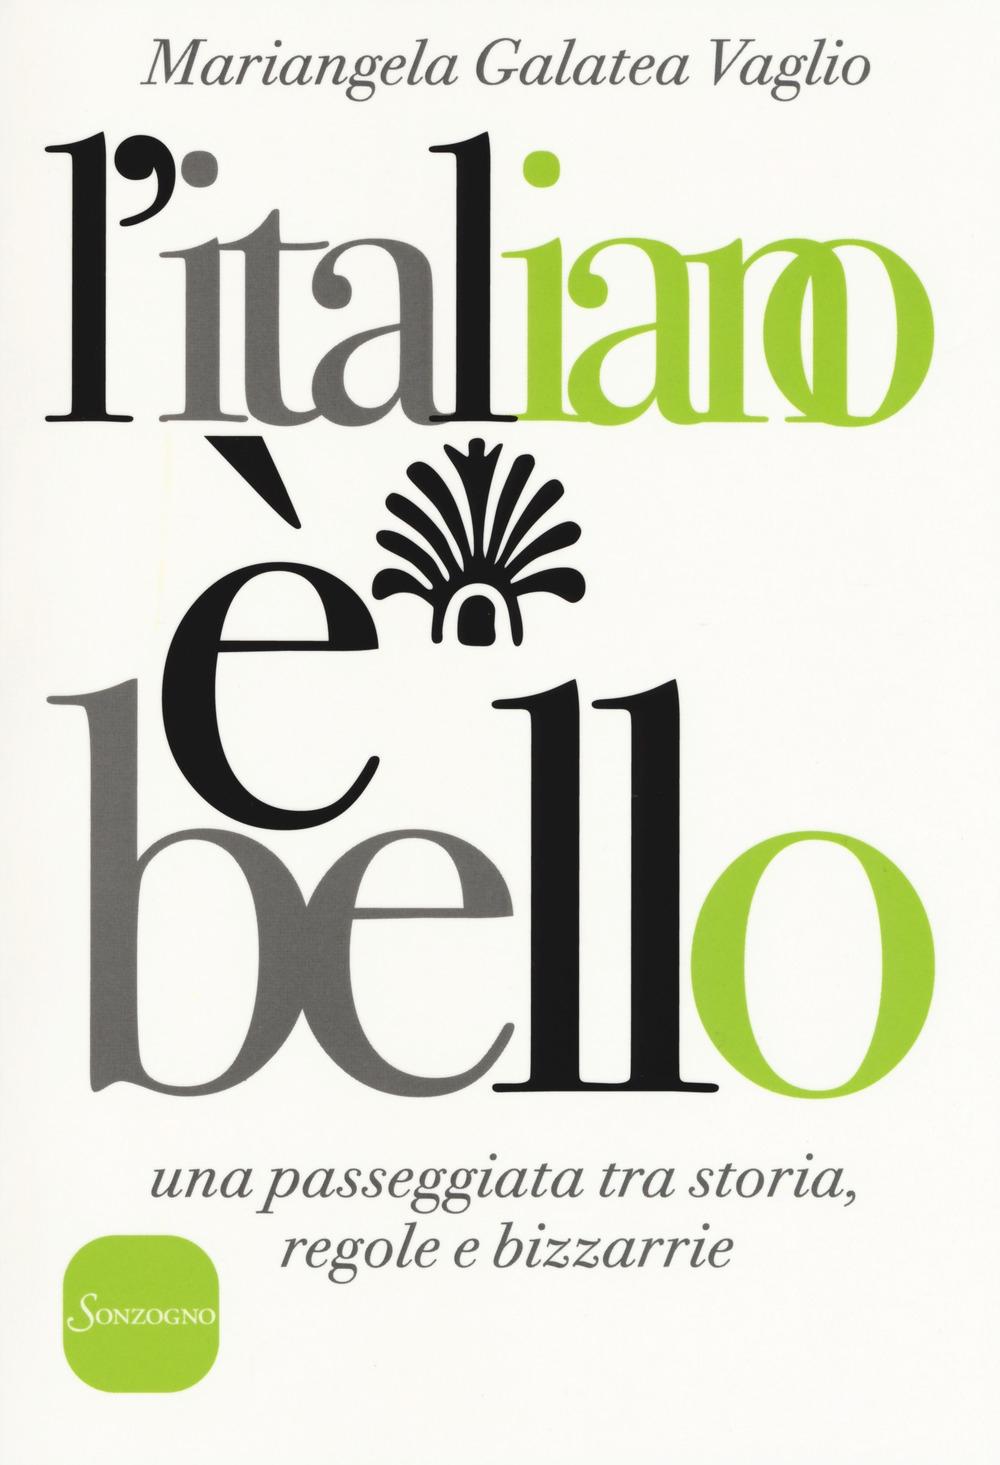 L'italiano è bello. Una passeggiata tra storia, regole e bizzarrie